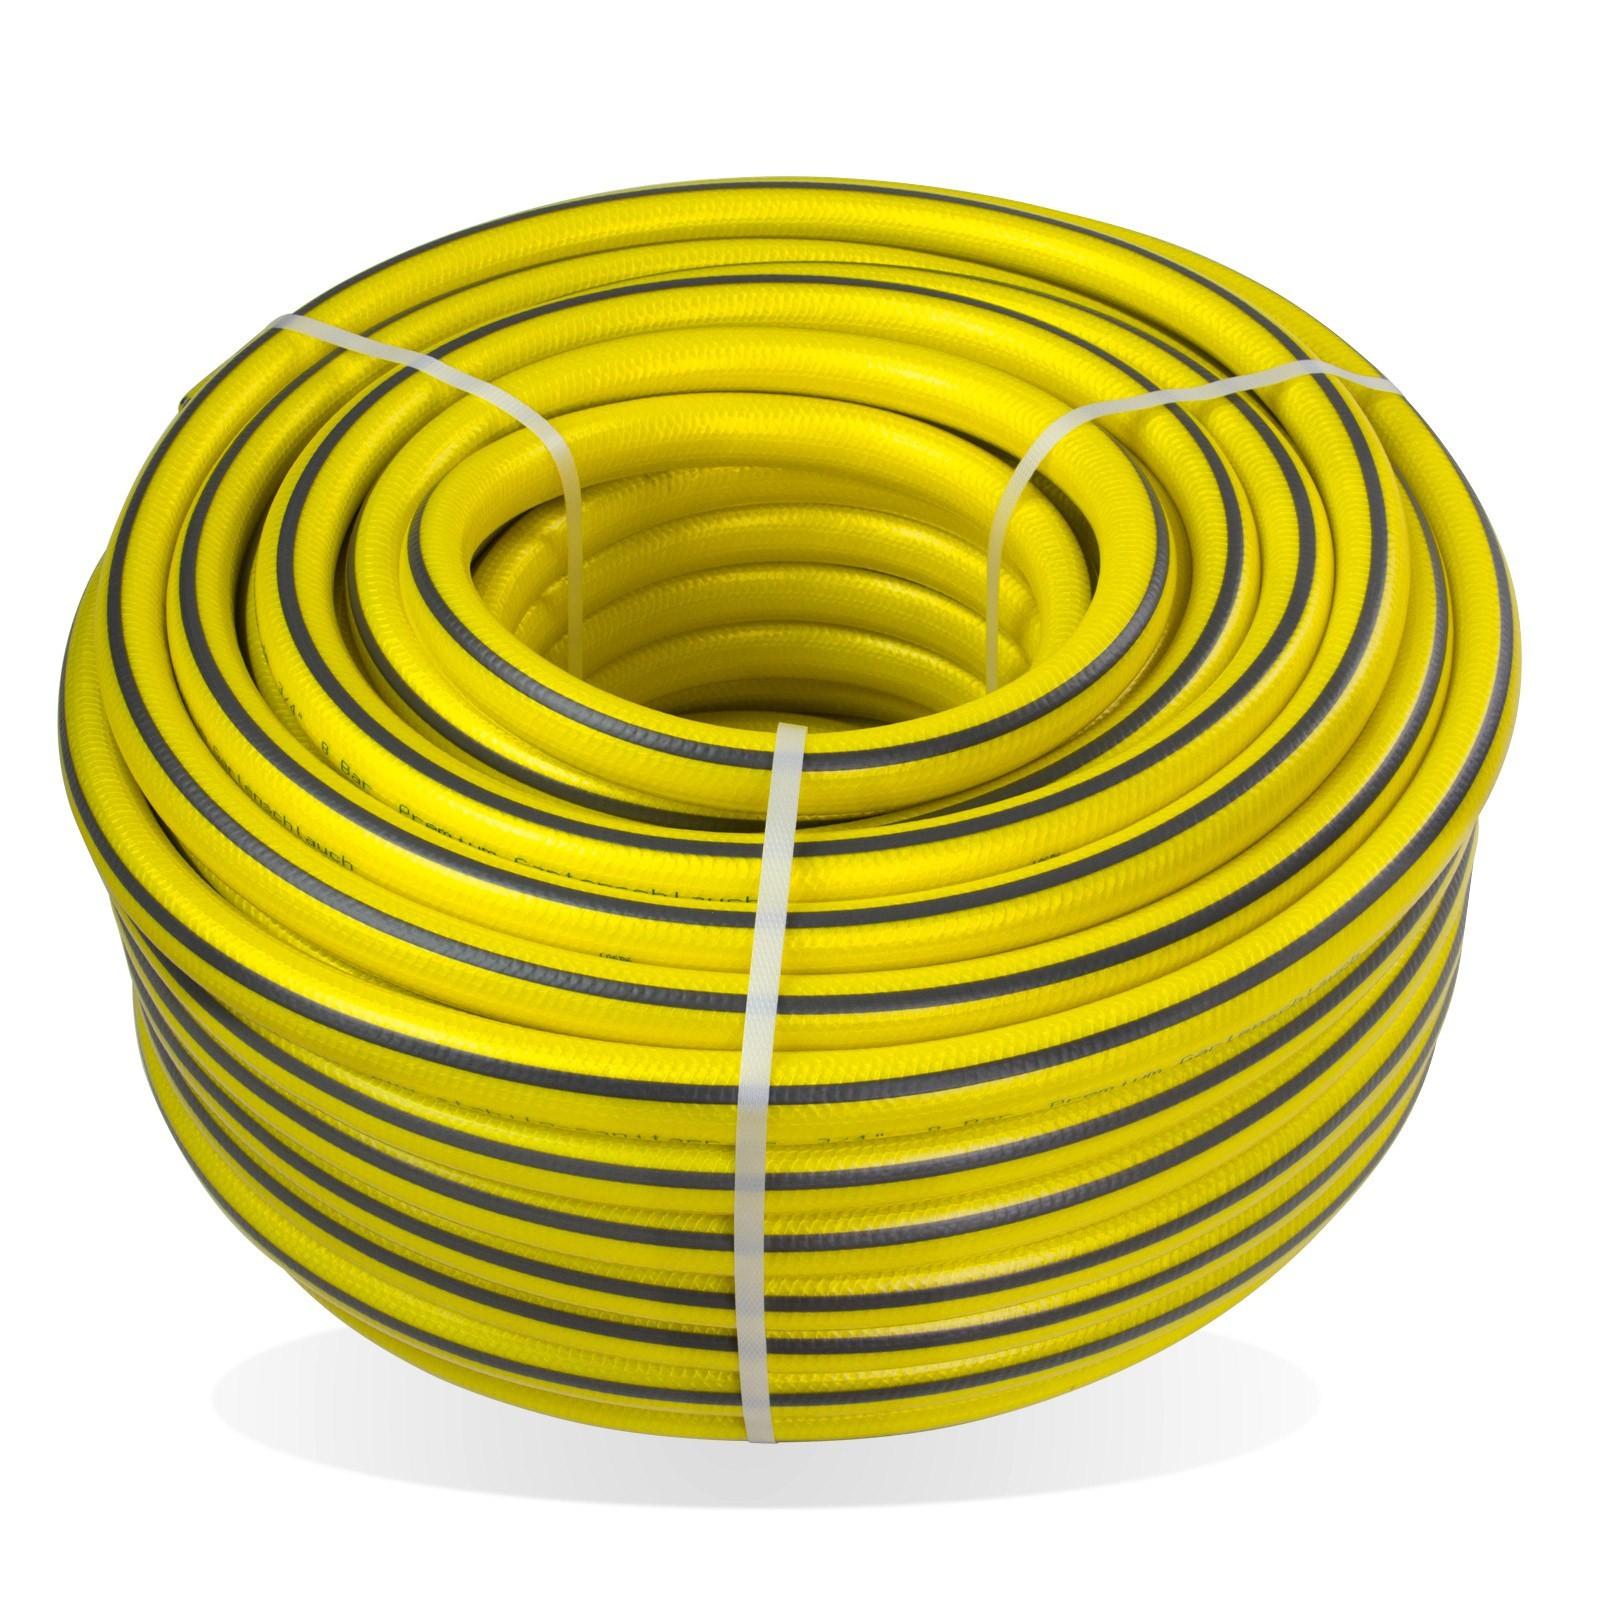 Stabilo-Sanitaer Premium Gartenschlauch / Wasserschlauch 1/2 Zoll 50 m knickfrei verdrehsicher 14485